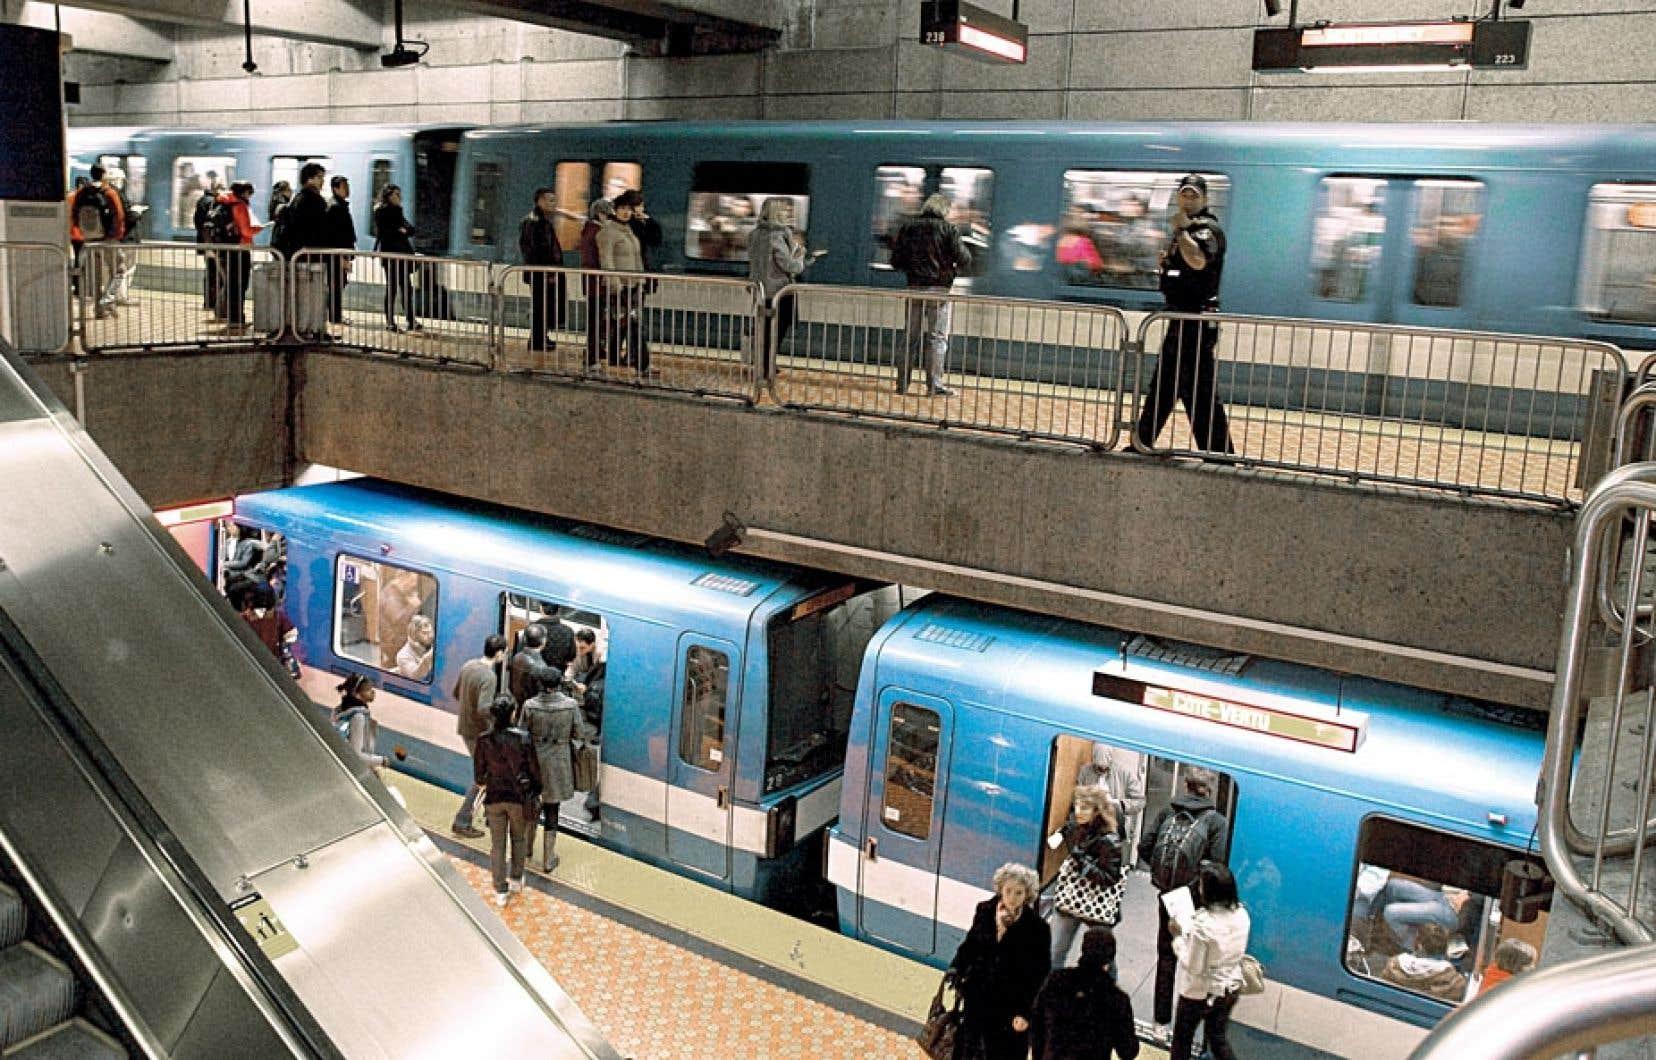 Les cartes des usagers du métro sont une mine d'or pour les chercheurs.